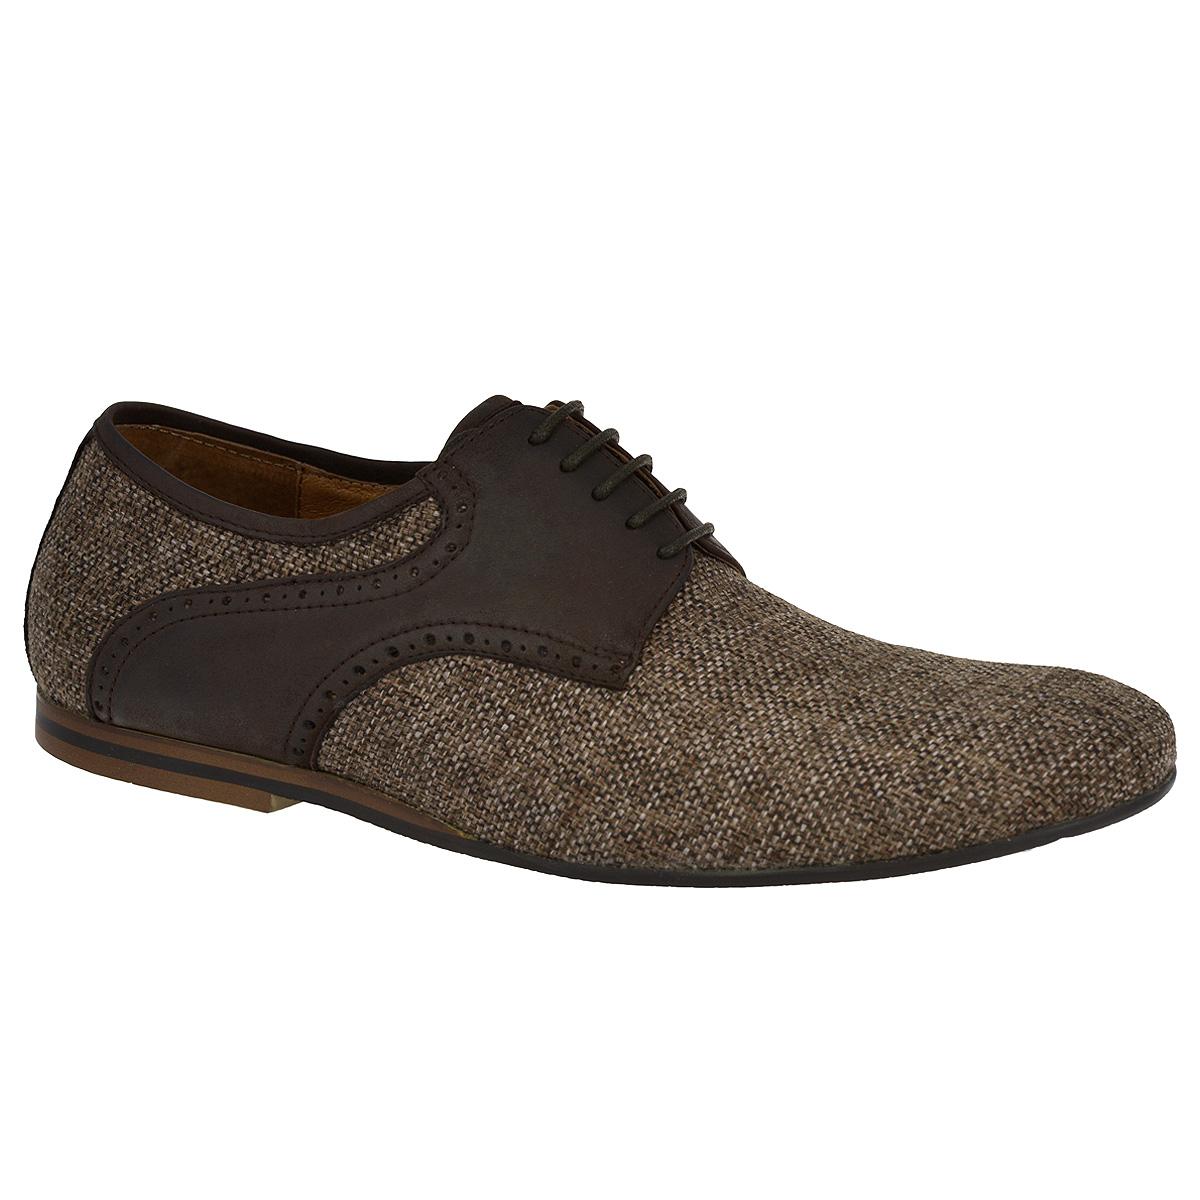 Туфли мужские. M4034M4034Стильные мужские туфли Vitacci внесут элегантные нотки в модный образ. Модель изготовлена из плотного текстиля, оформленного декоративным плетением, и украшена вставками из натуральной кожи с перфорацией, задним ремнем. Шнуровка прочно зафиксирует модель на вашей ноге. Стелька из натуральной кожи позволит ногам дышать. Невысокий каблук и подошва, выполненные из полиуретана, стилизованы под дерево. Изысканные туфли не оставят равнодушным ни одного мужчину.